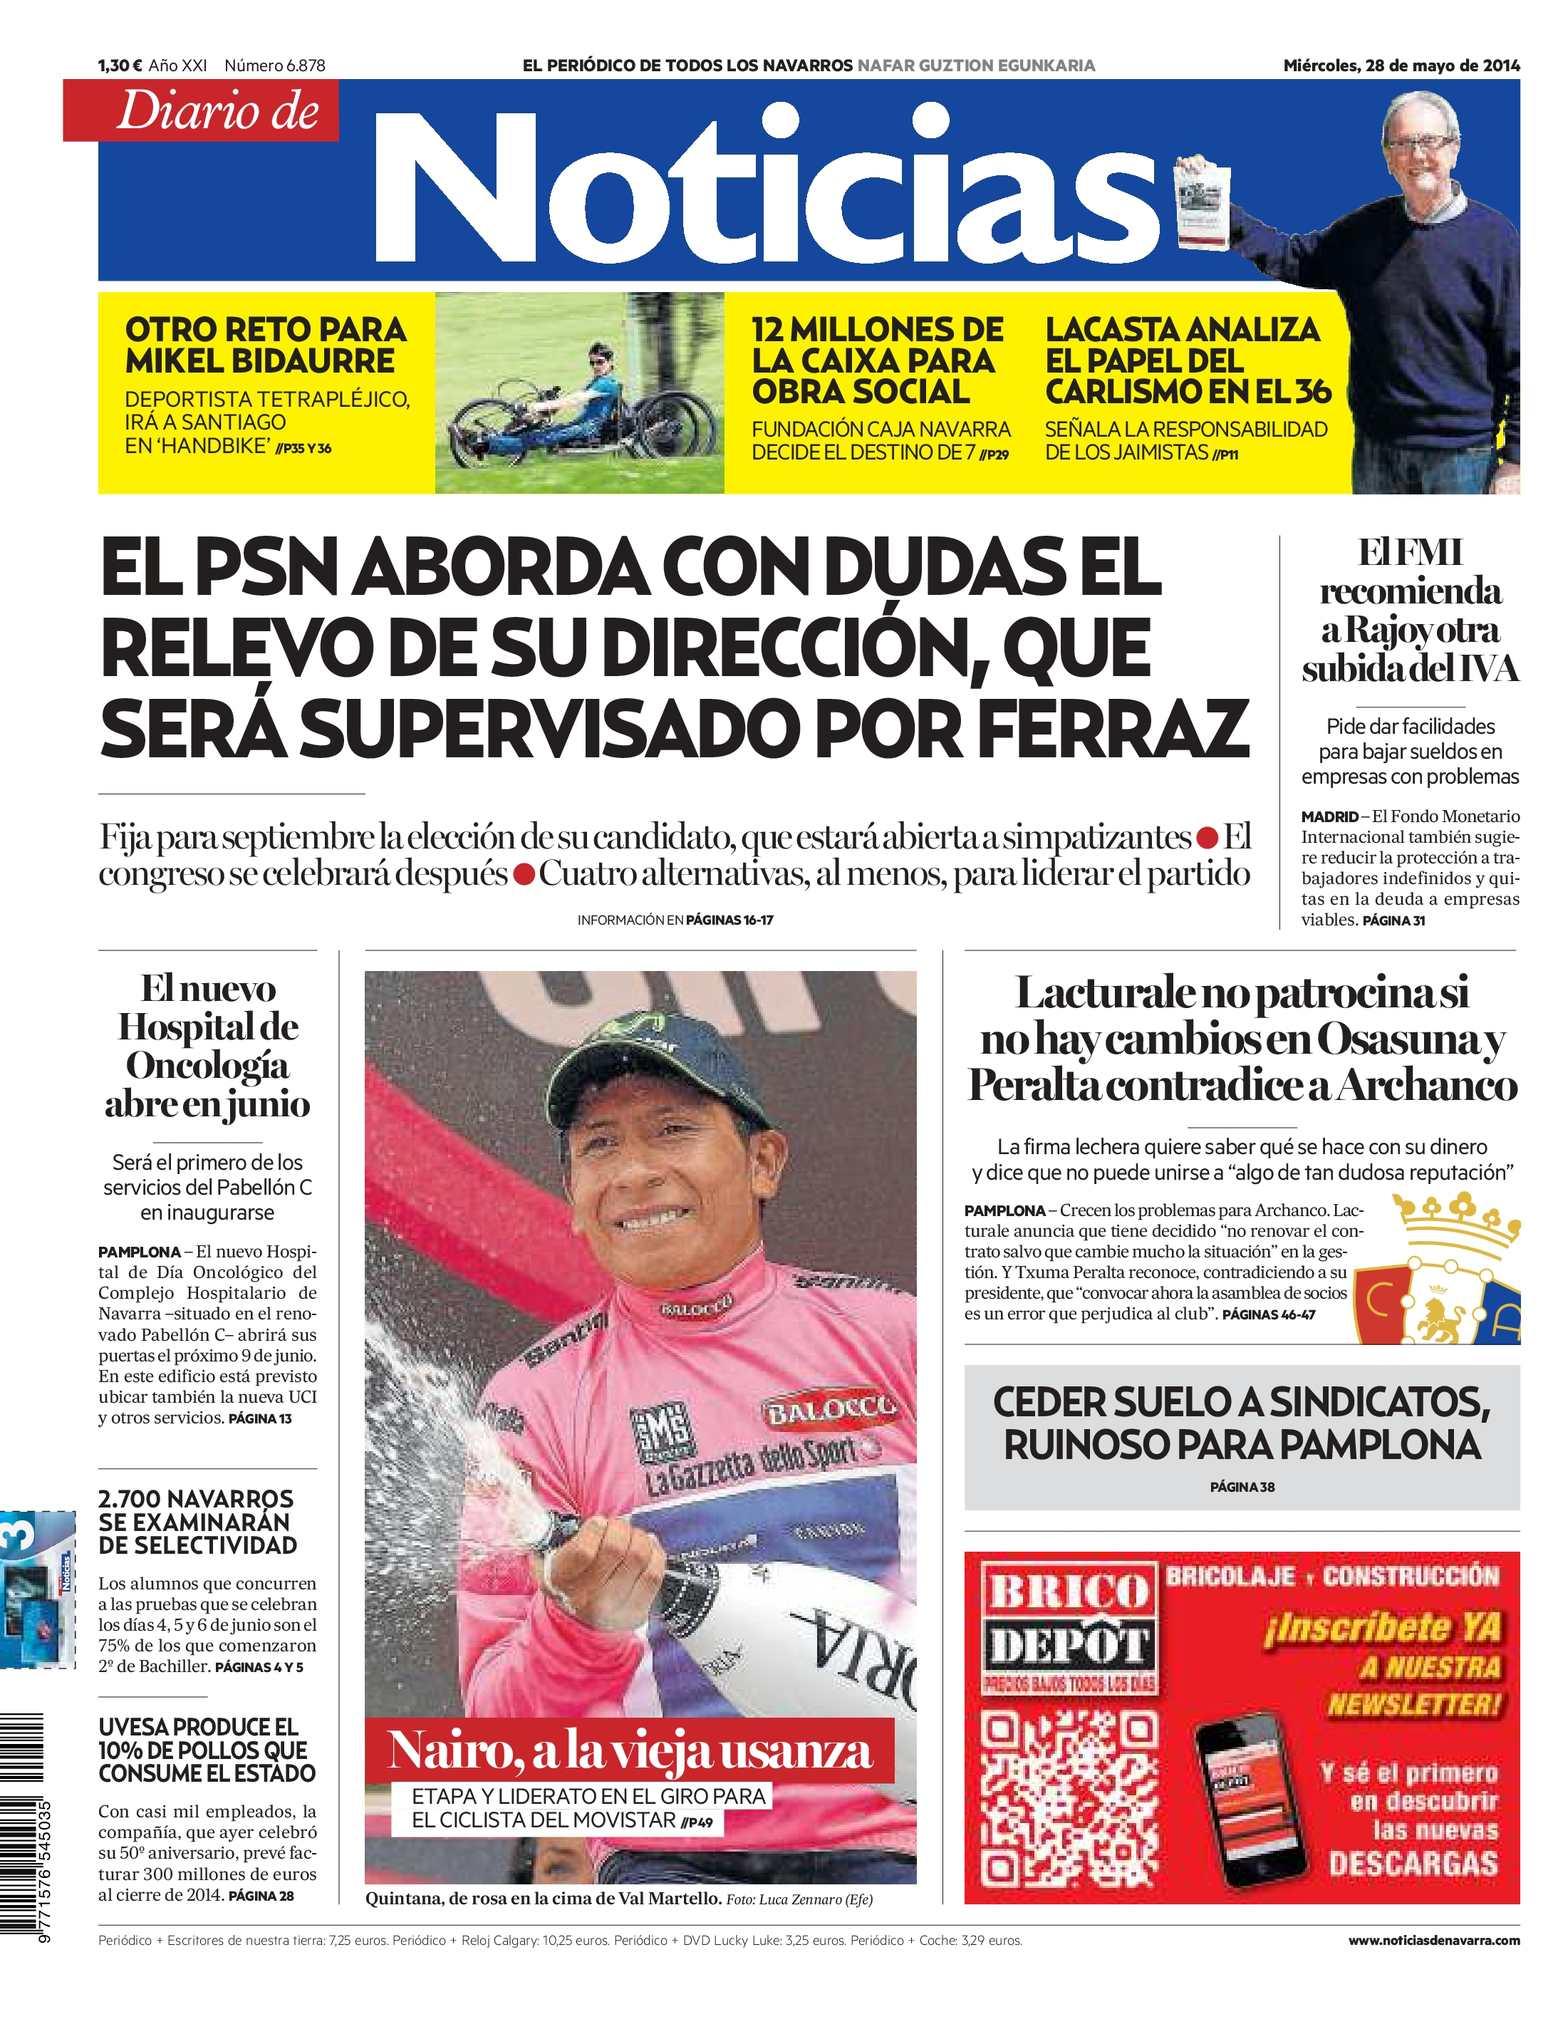 Calaméo Noticias Diario De Diario De Calaméo 20140528 nwm80OvN